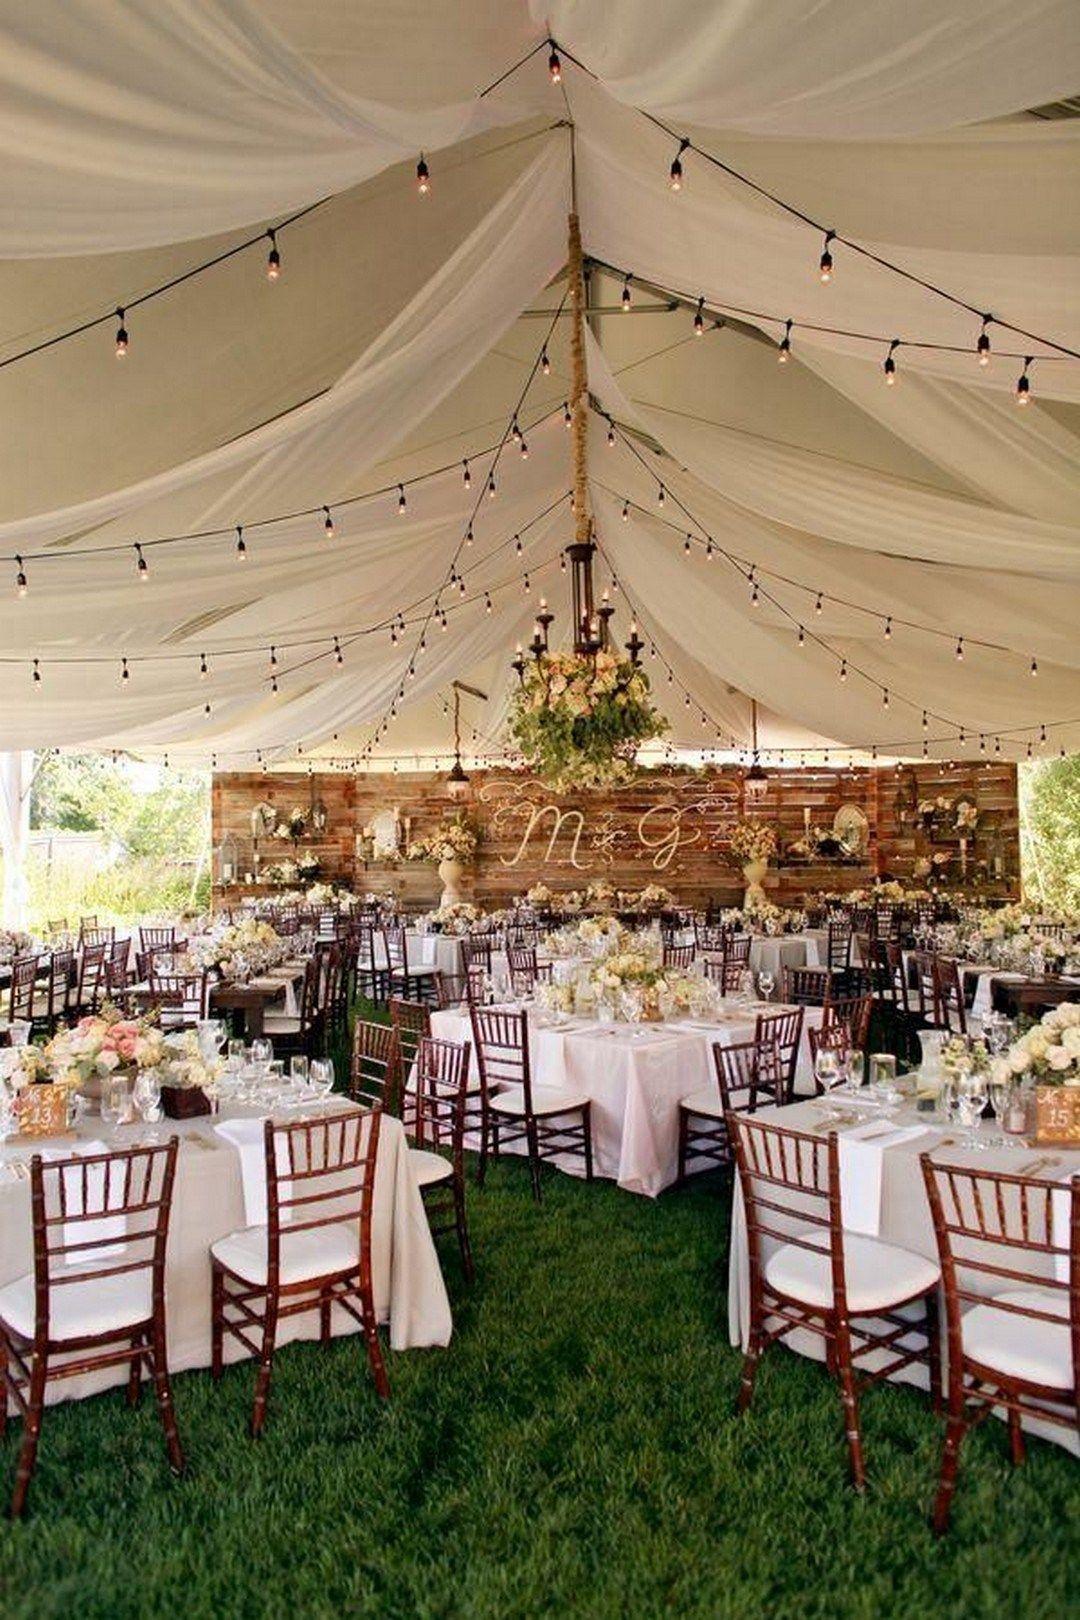 99 Sweet Ideas For Romantic Backyard Outdoor Weddings 15 July